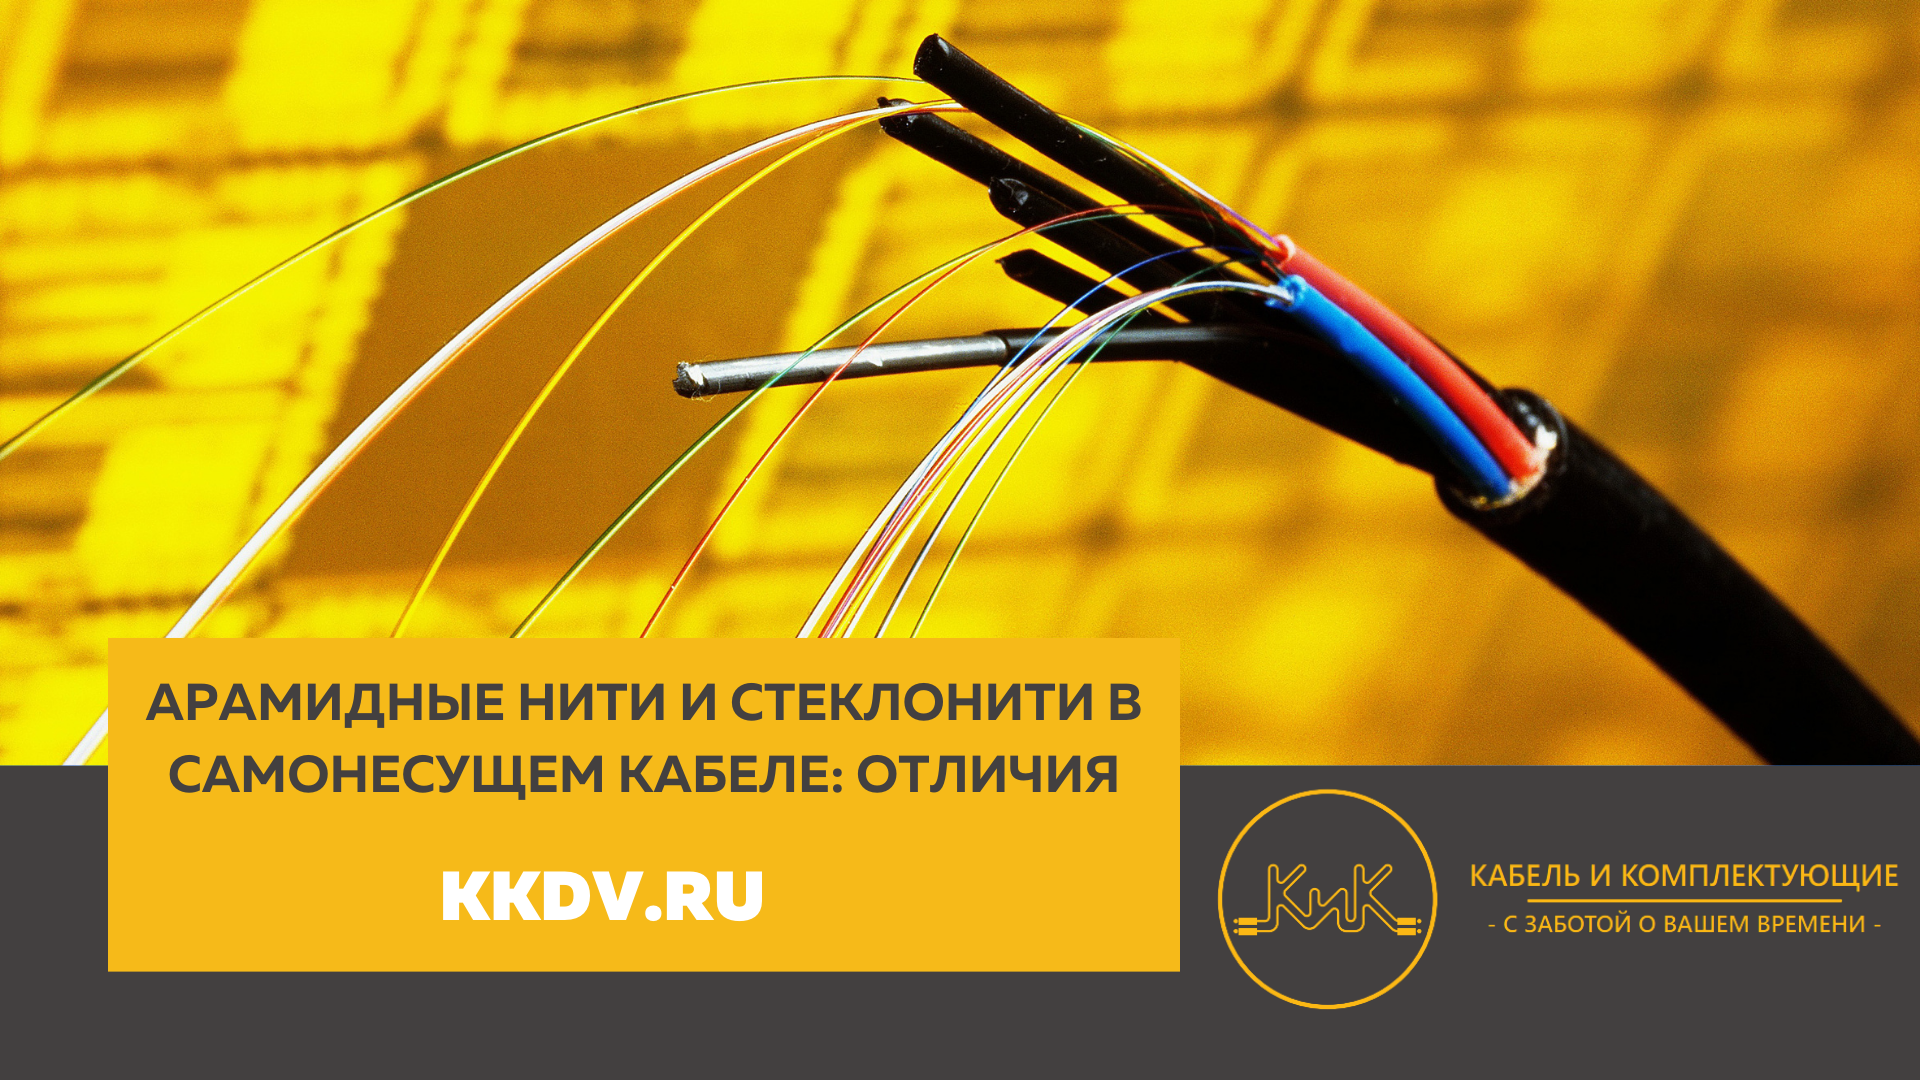 Самонесущий кабель: армидные и стеклонити